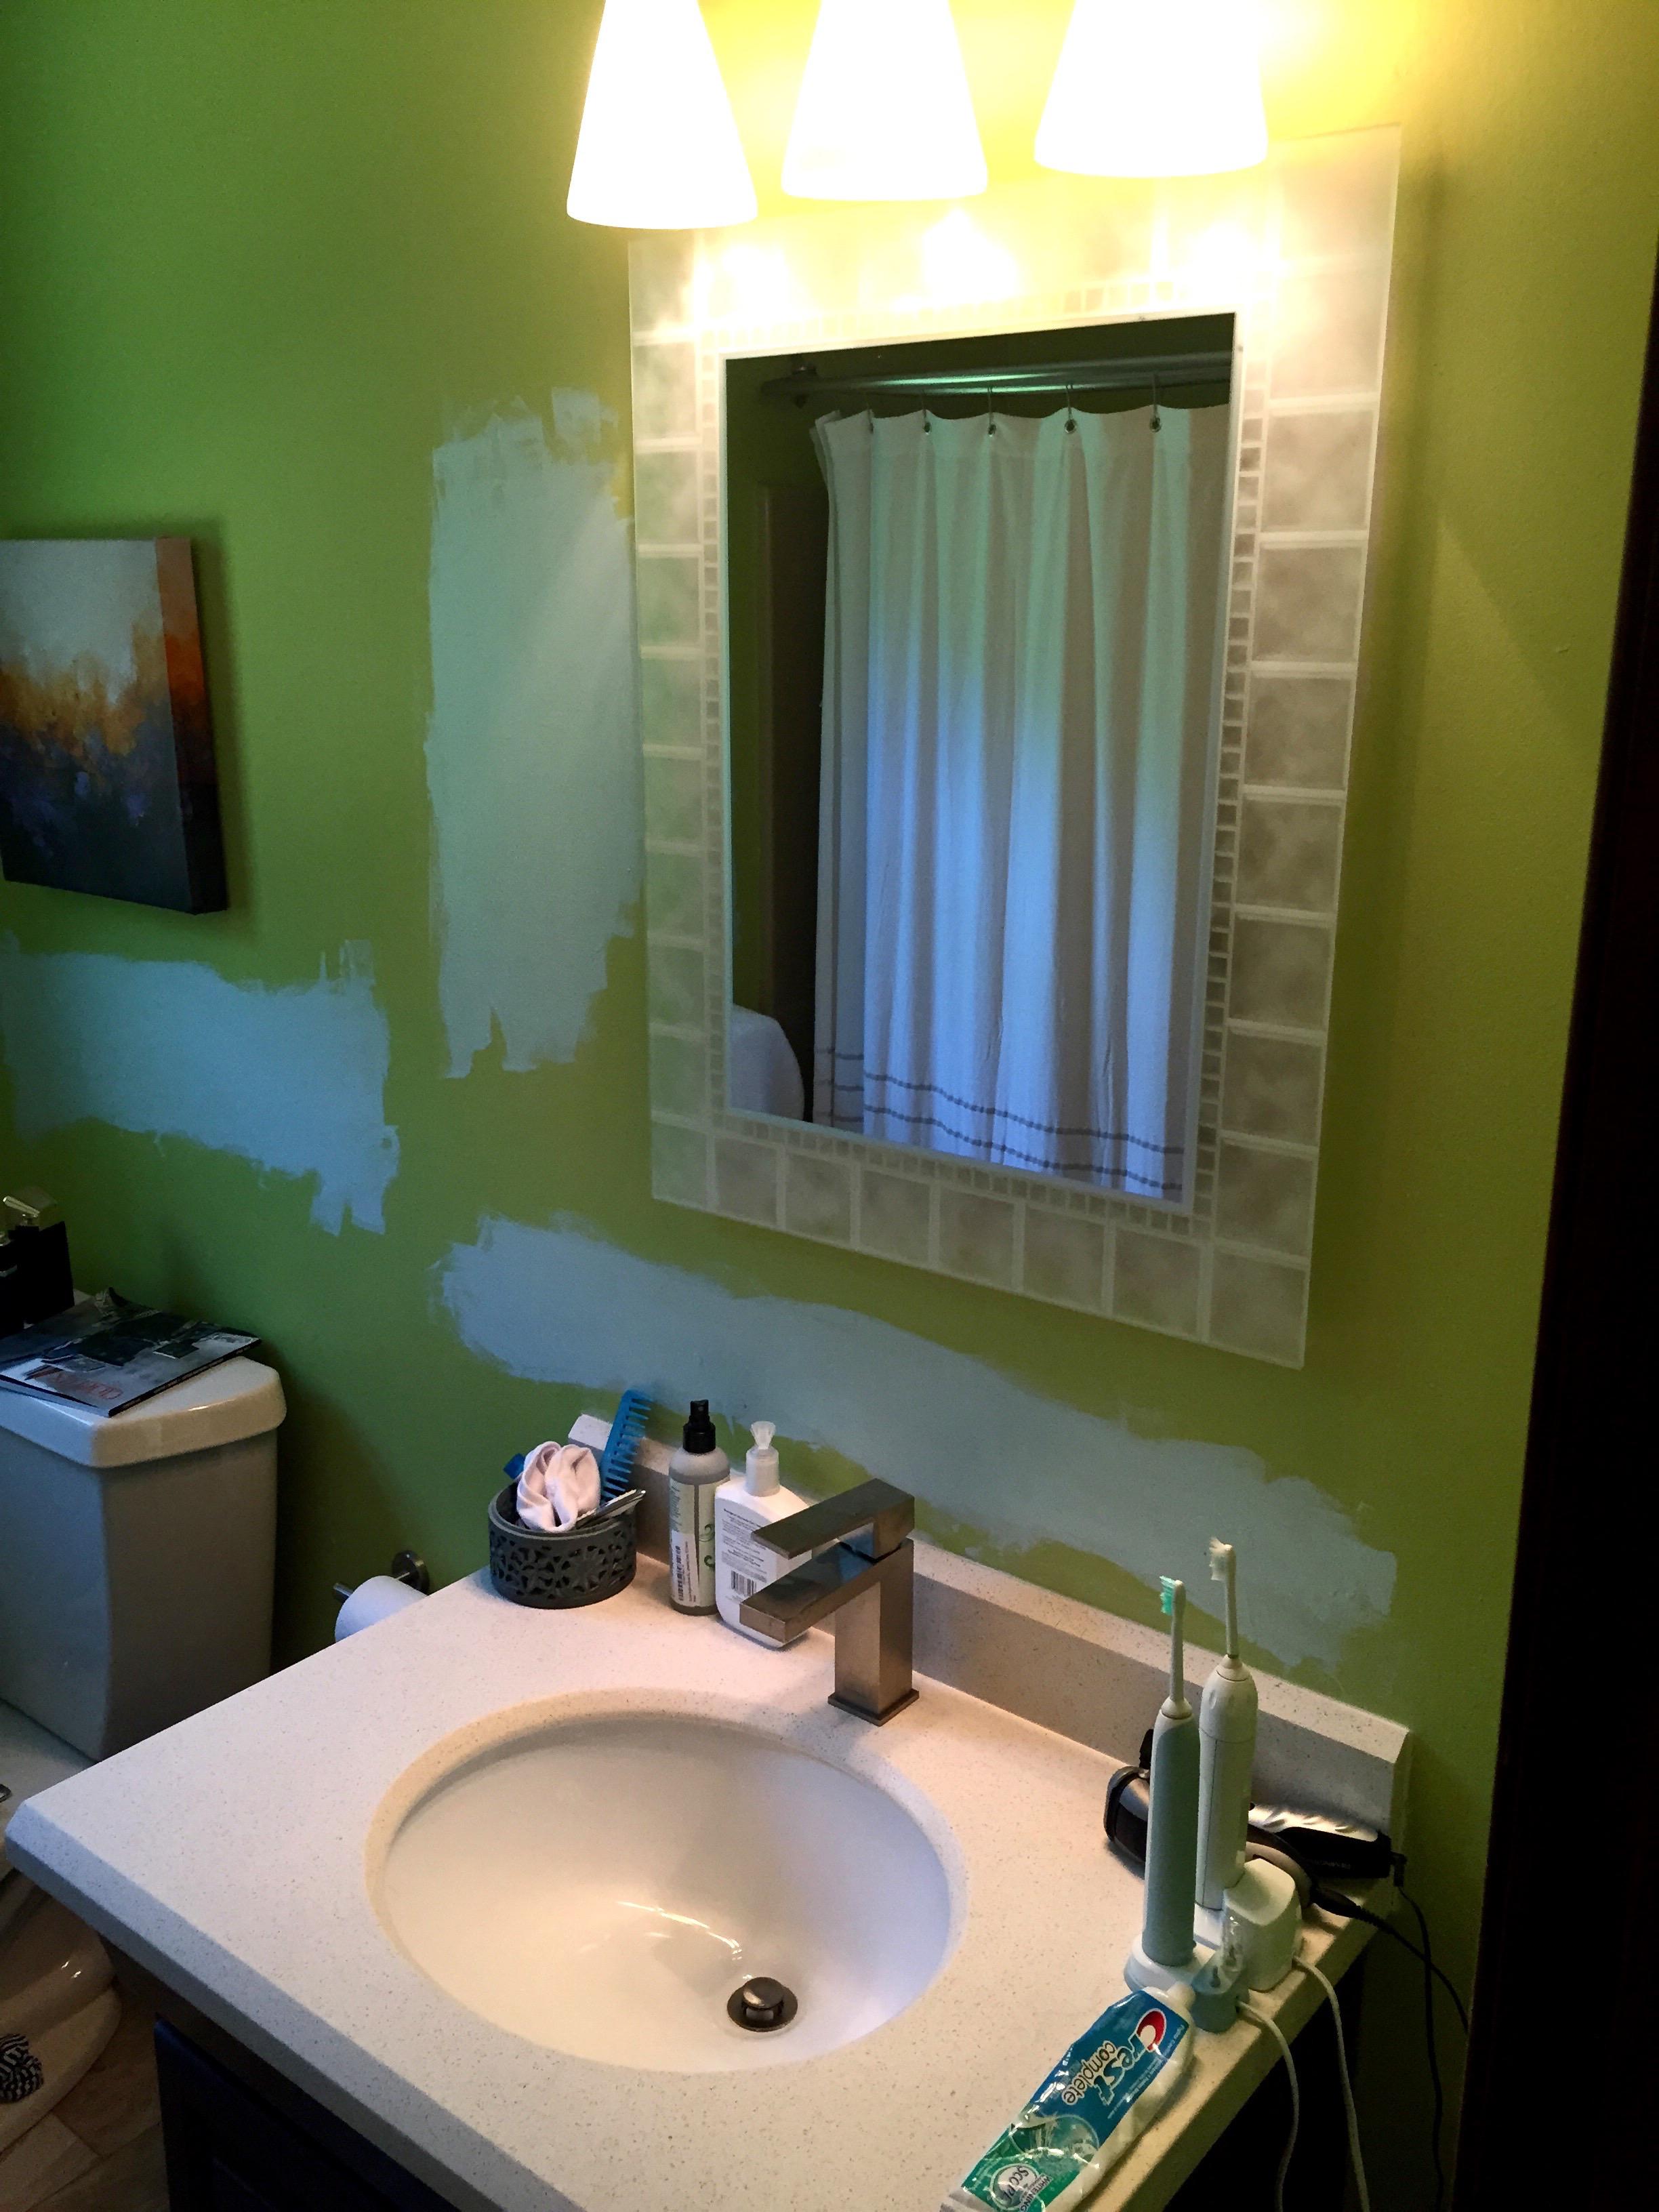 The original bathroom mirror.